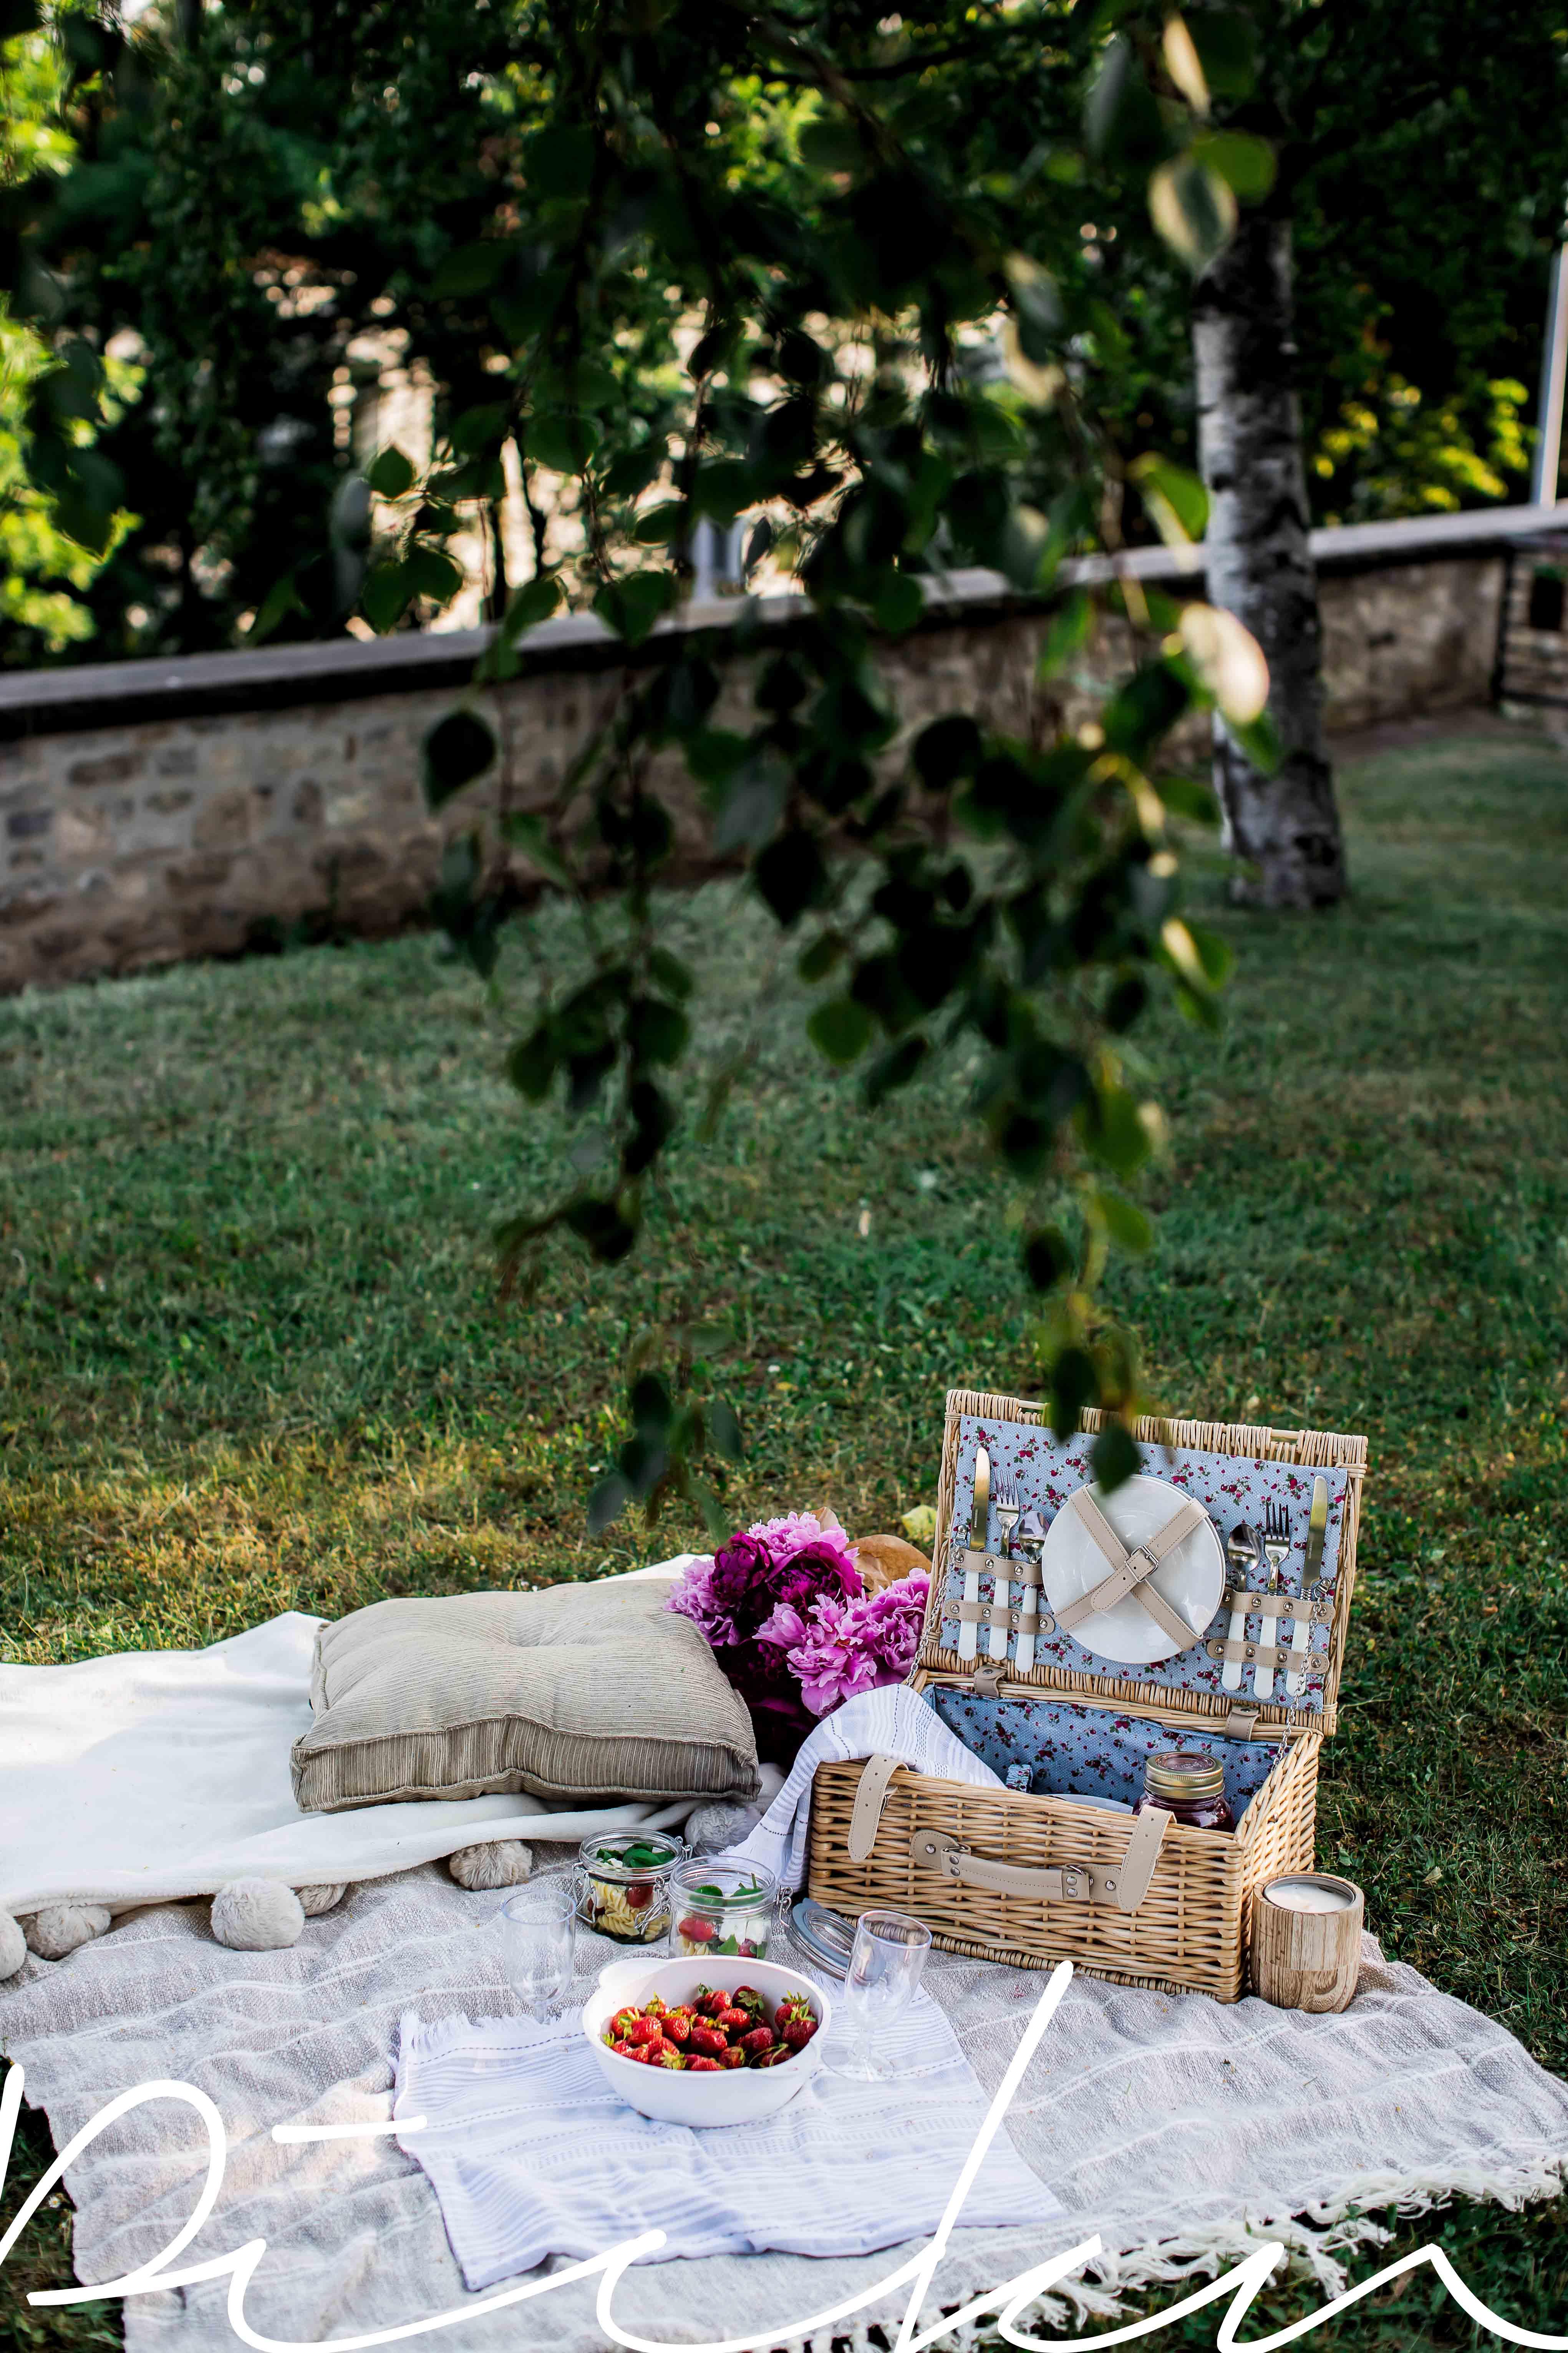 ein Picknick für zwei mit Tk Maxx shoppen